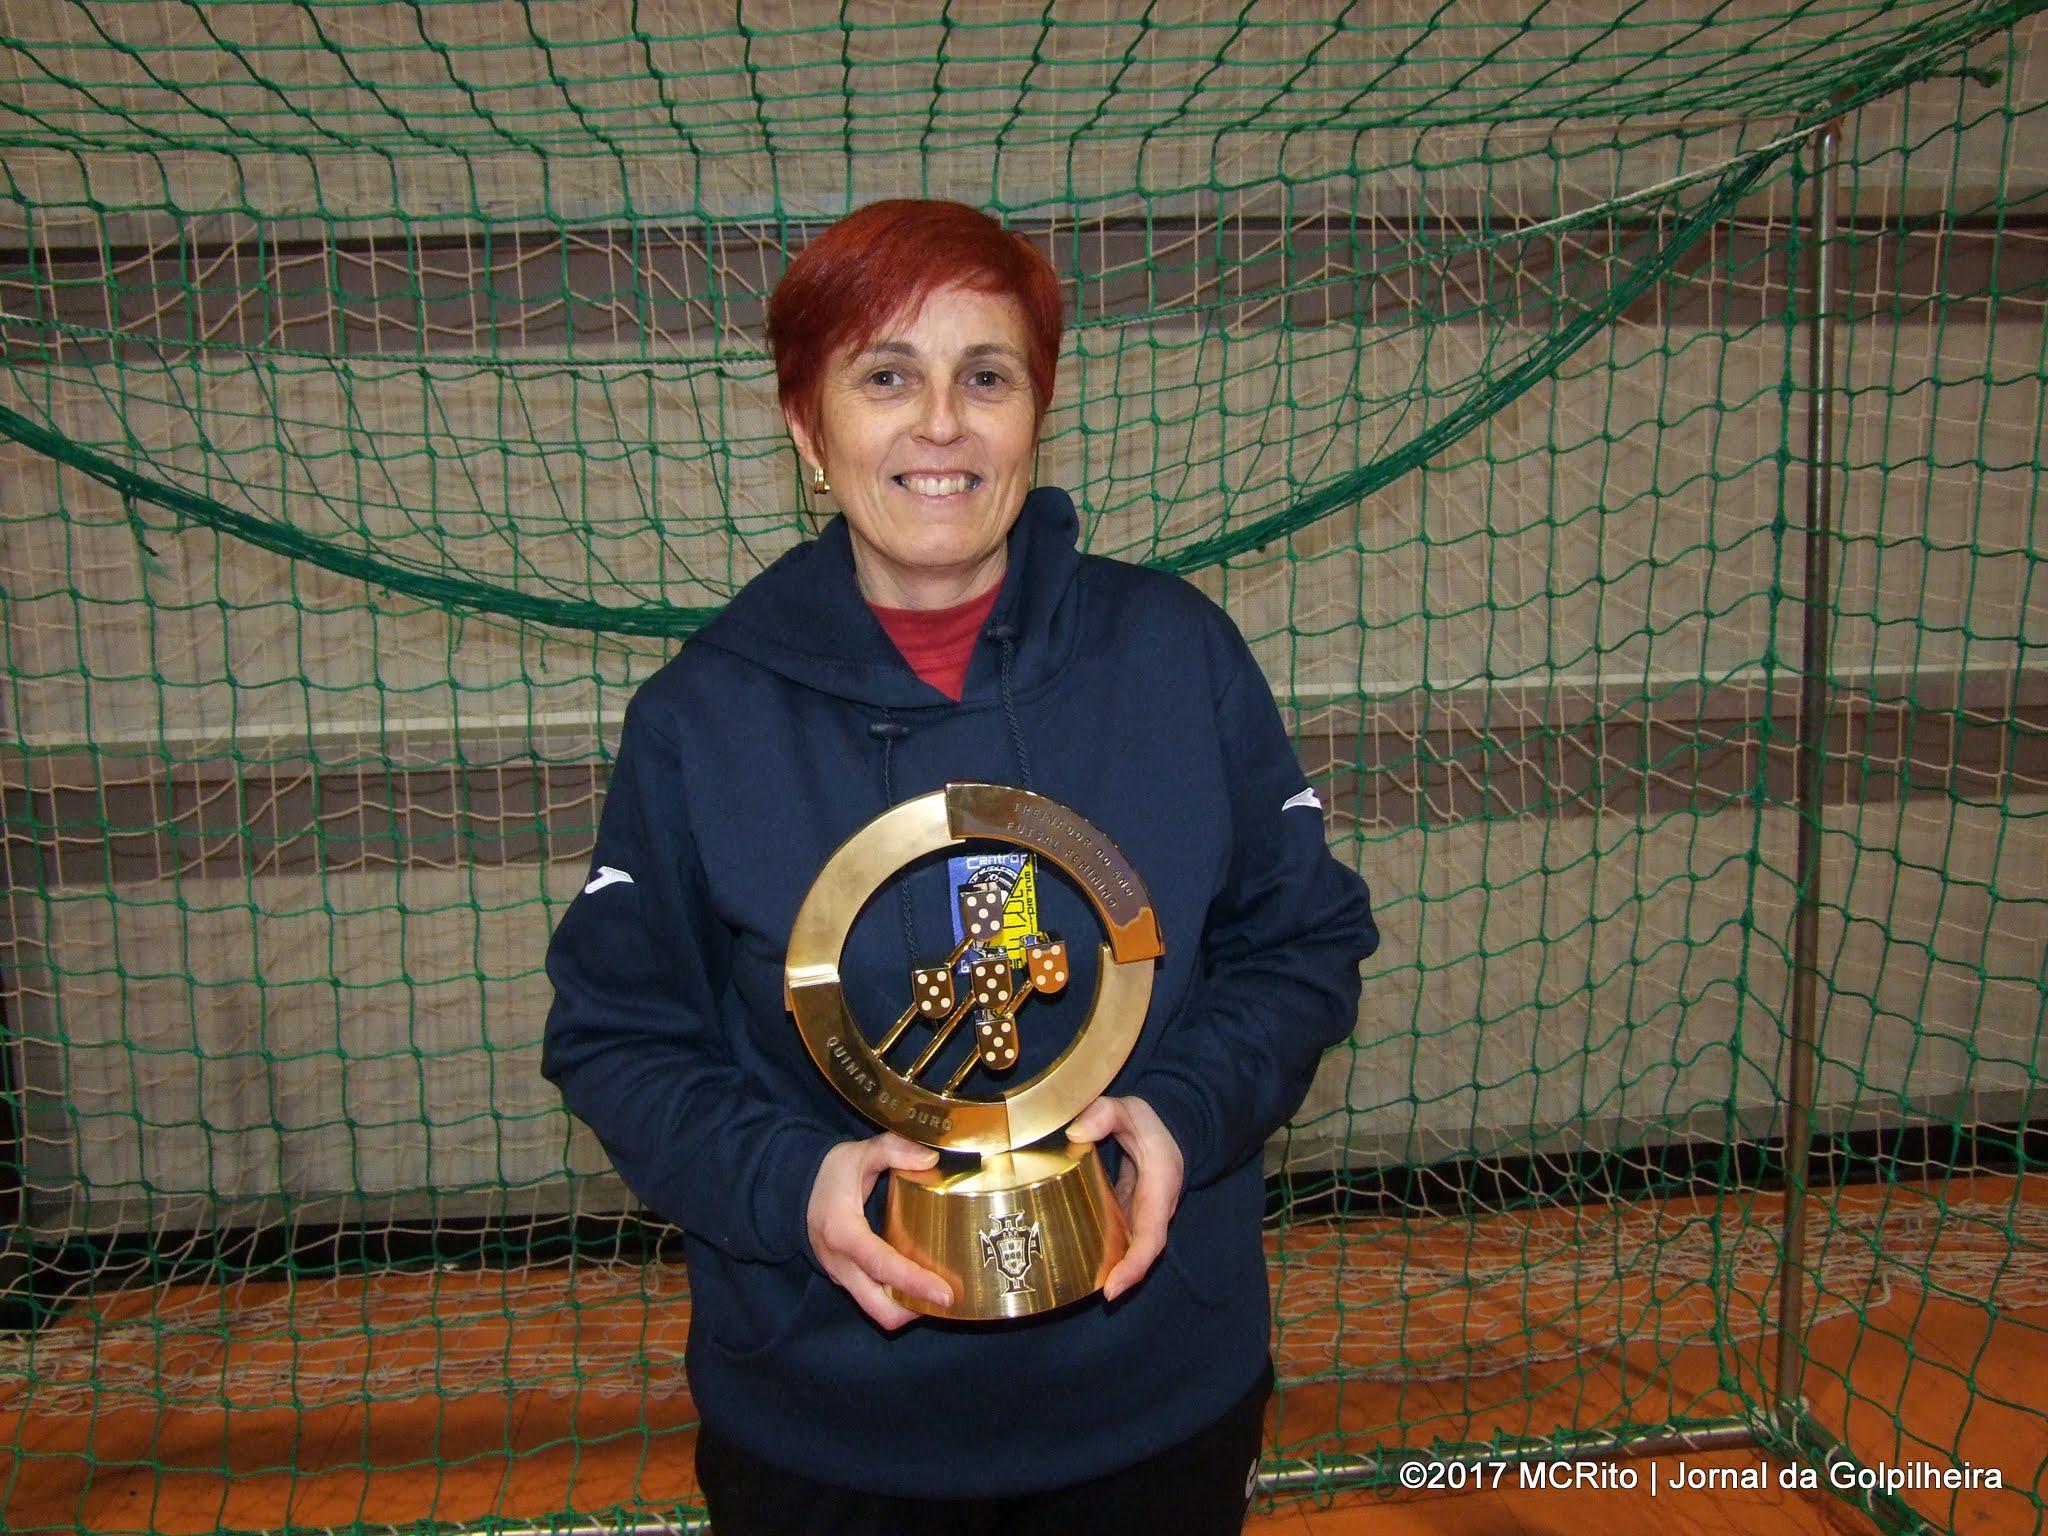 """""""Quinas de Ouro"""" deram prémio à responsável do Futsal da Golpilheira:Teresa Jordão é """"Treinadora do Ano"""""""